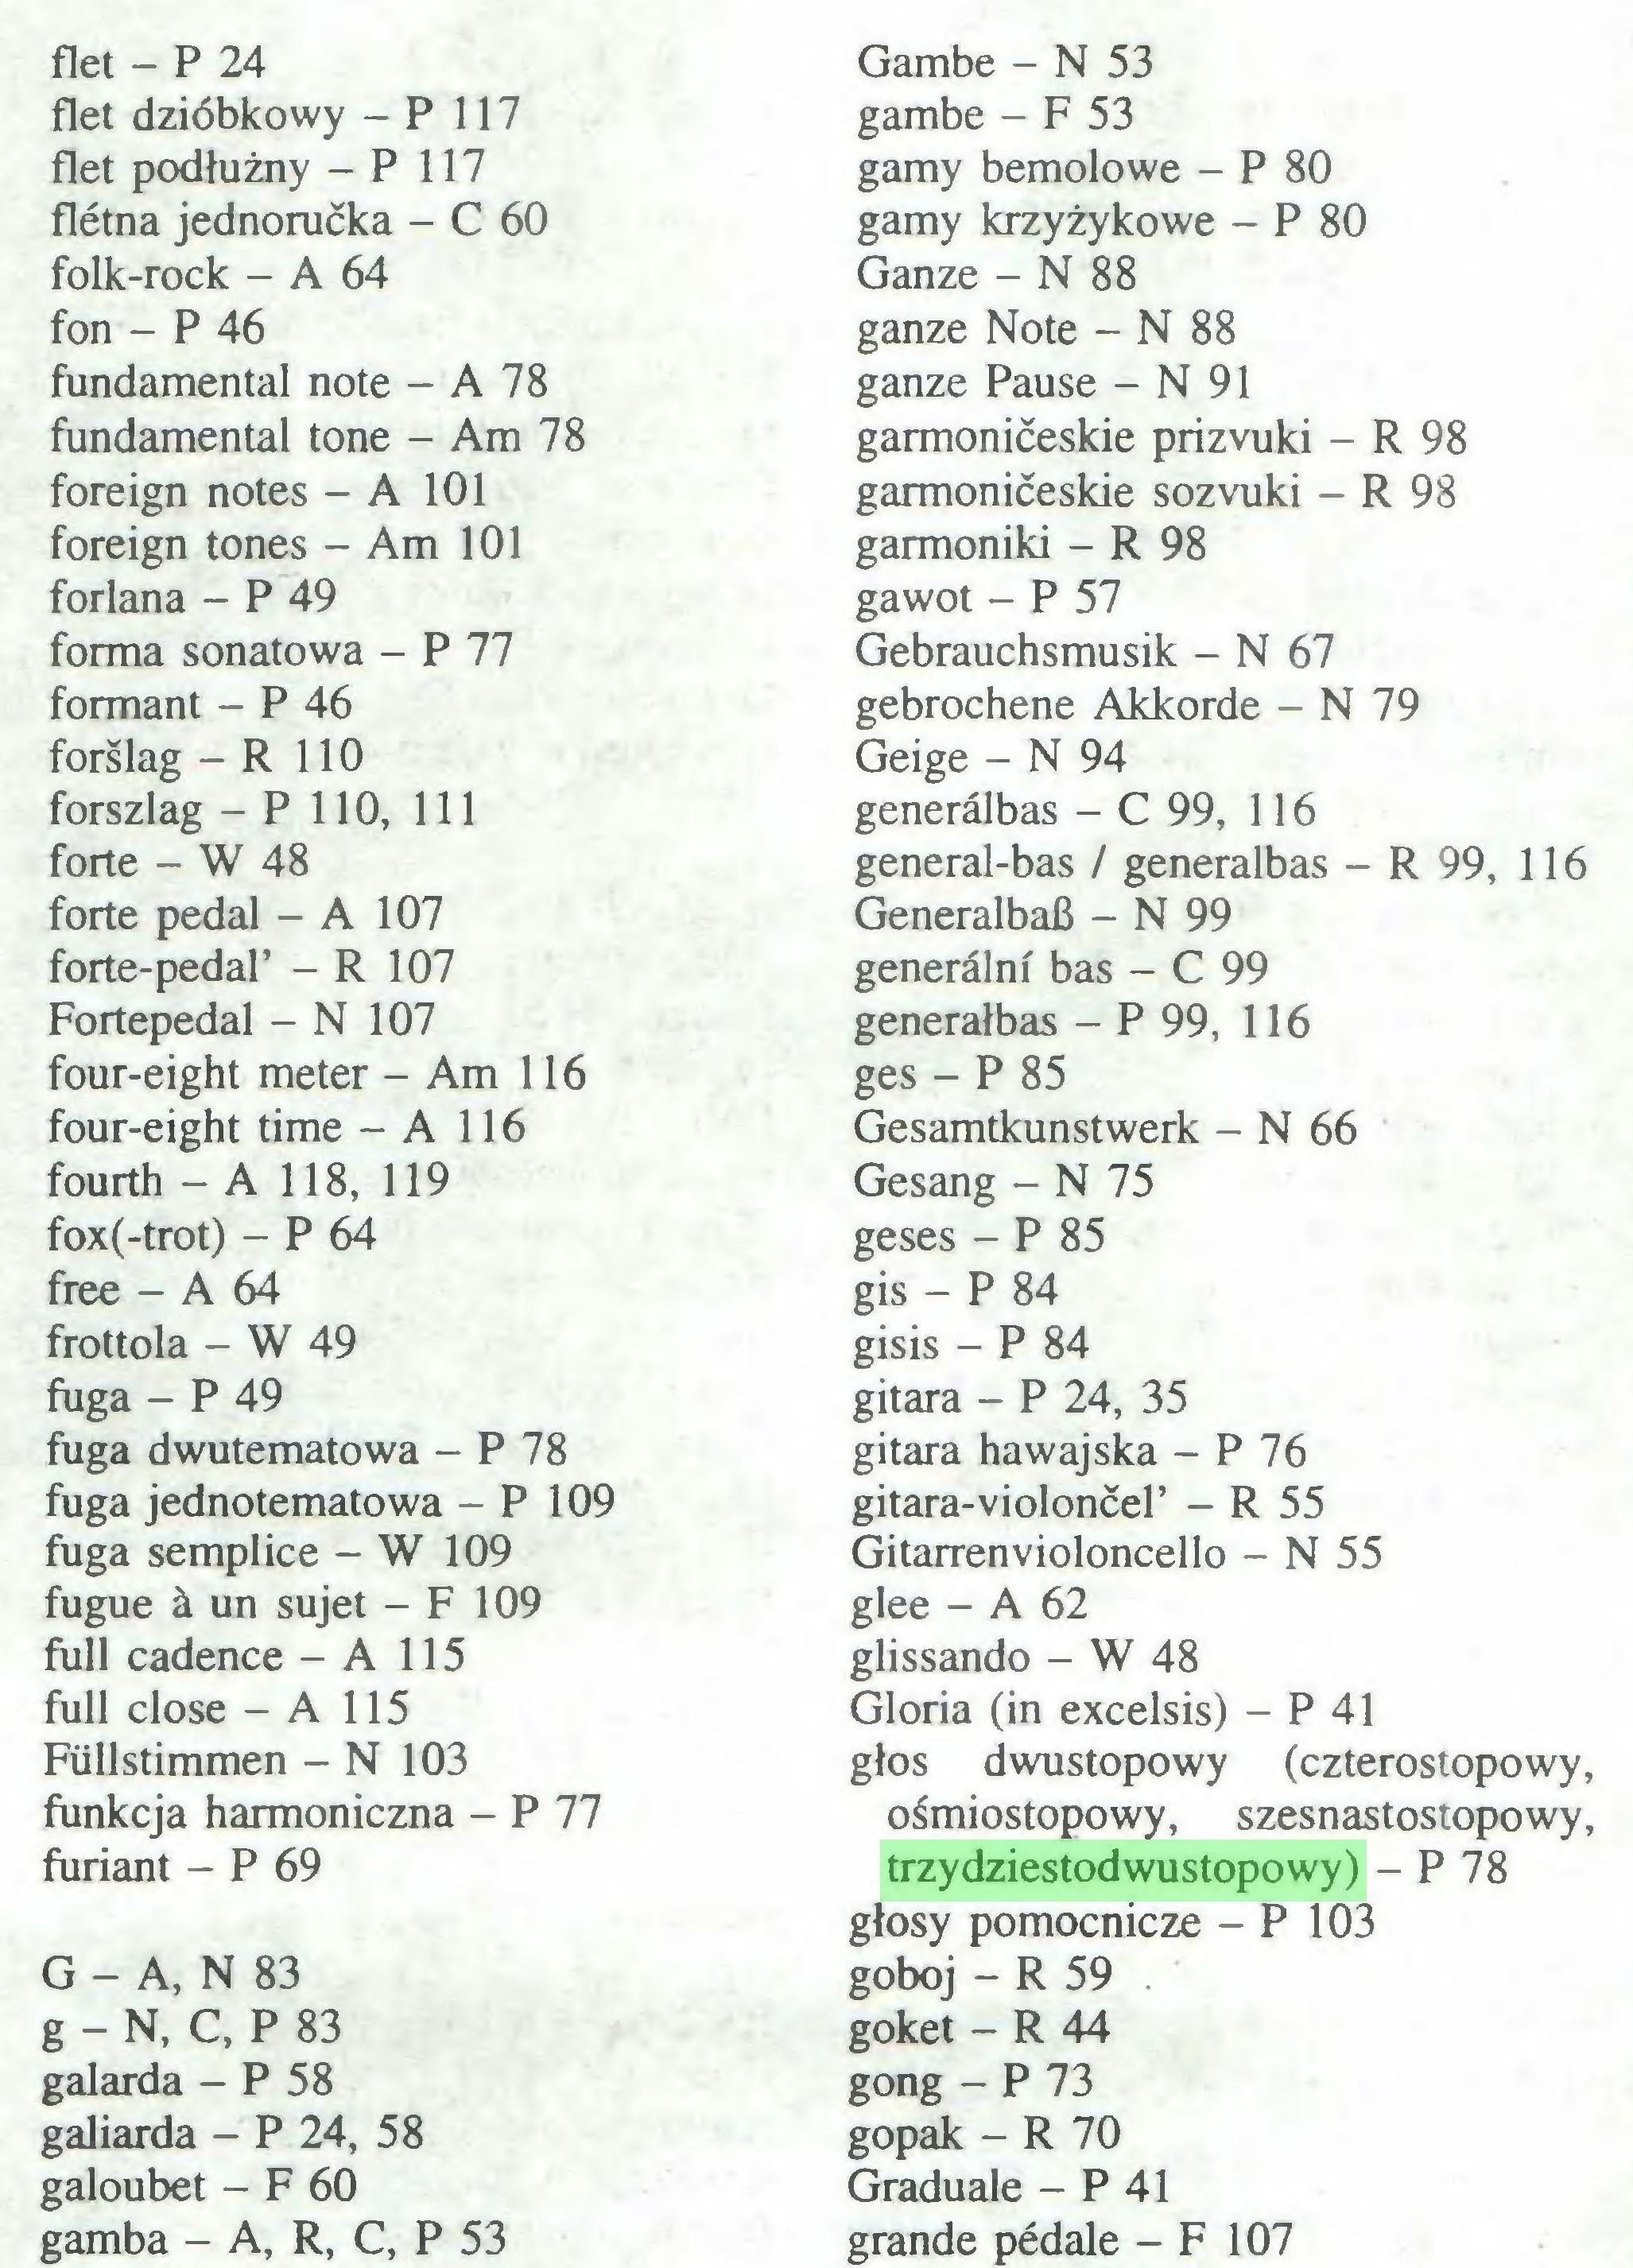 (...) flet - P 24 flet dzióbkowy - P 117 flet podłużny - P 117 Aetna jednorućka - C 60 folk-rock - A 64 fon - P 46 fundamental note - A 78 fundamental tone - Am 78 foreign notes - A 101 foreign tones - Am 101 forlana - P 49 forma sonatowa - P 77 formant - P 46 forślag - R 110 forszlag - P 110, 111 forte - W 48 forte pedal - A 107 forte-pedal' - R 107 Fortepedal - N 107 four-eight meter - Am 116 four-eight time - A 116 fourth - A 118, 119 fox(-trot) - P 64 free - A 64 frottola - W 49 fuga - P 49 fuga dwutematowa - P 78 fuga jednotematowa - P 109 fuga semplice - W 109 fugue á un sujet - F 109 full cadenee - A 115 full cióse - A 115 Füllstimmen - N 103 funkcja harmoniczna - P 77 furiant - P 69 G - A, N 83 g - N, C, P 83 galarda - P 58 gabarda - P 24, 58 galoubet - F 60 gamba - A, R, C, P 53 Gambe - N 53 gambę - F 53 gamy bemolowe - P 80 gamy krzyżykowe - P 80 Ganze - N 88 ganze Note - N 88 ganze Pause - N 91 garmonićeskie prizvuki - R 98 garmonićeskie sozvuki - R 98 garmoniki - R 98 gawot - P 57 Gebrauchsmusik - N 67 gebrochene Akkorde - N 79 Geige - N 94 generälbas - C 99, 116 general-bas / generalbas - R 99, 116 Generalbaß - N 99 generälni bas - C 99 generałbas - P 99, 116 ges - P 85 Gesamtkunstwerk - N 66 Gesang - N 75 geses - P 85 gis - P 84 gisis - P 84 gitara - P 24, 35 gitara hawajska - P 76 gitara-violoncel' - R 55 Gitarren Violoncello - N 55 glee - A 62 glissando - W 48 Gloria (in excelsis) - P 41 głos dwustopowy (czterostopowy, ośmiostopowy, szesnastostopowy, trzydziestodwustopowy) - P 78 głosy pomocnicze - P 103 goboj - R 59 ...